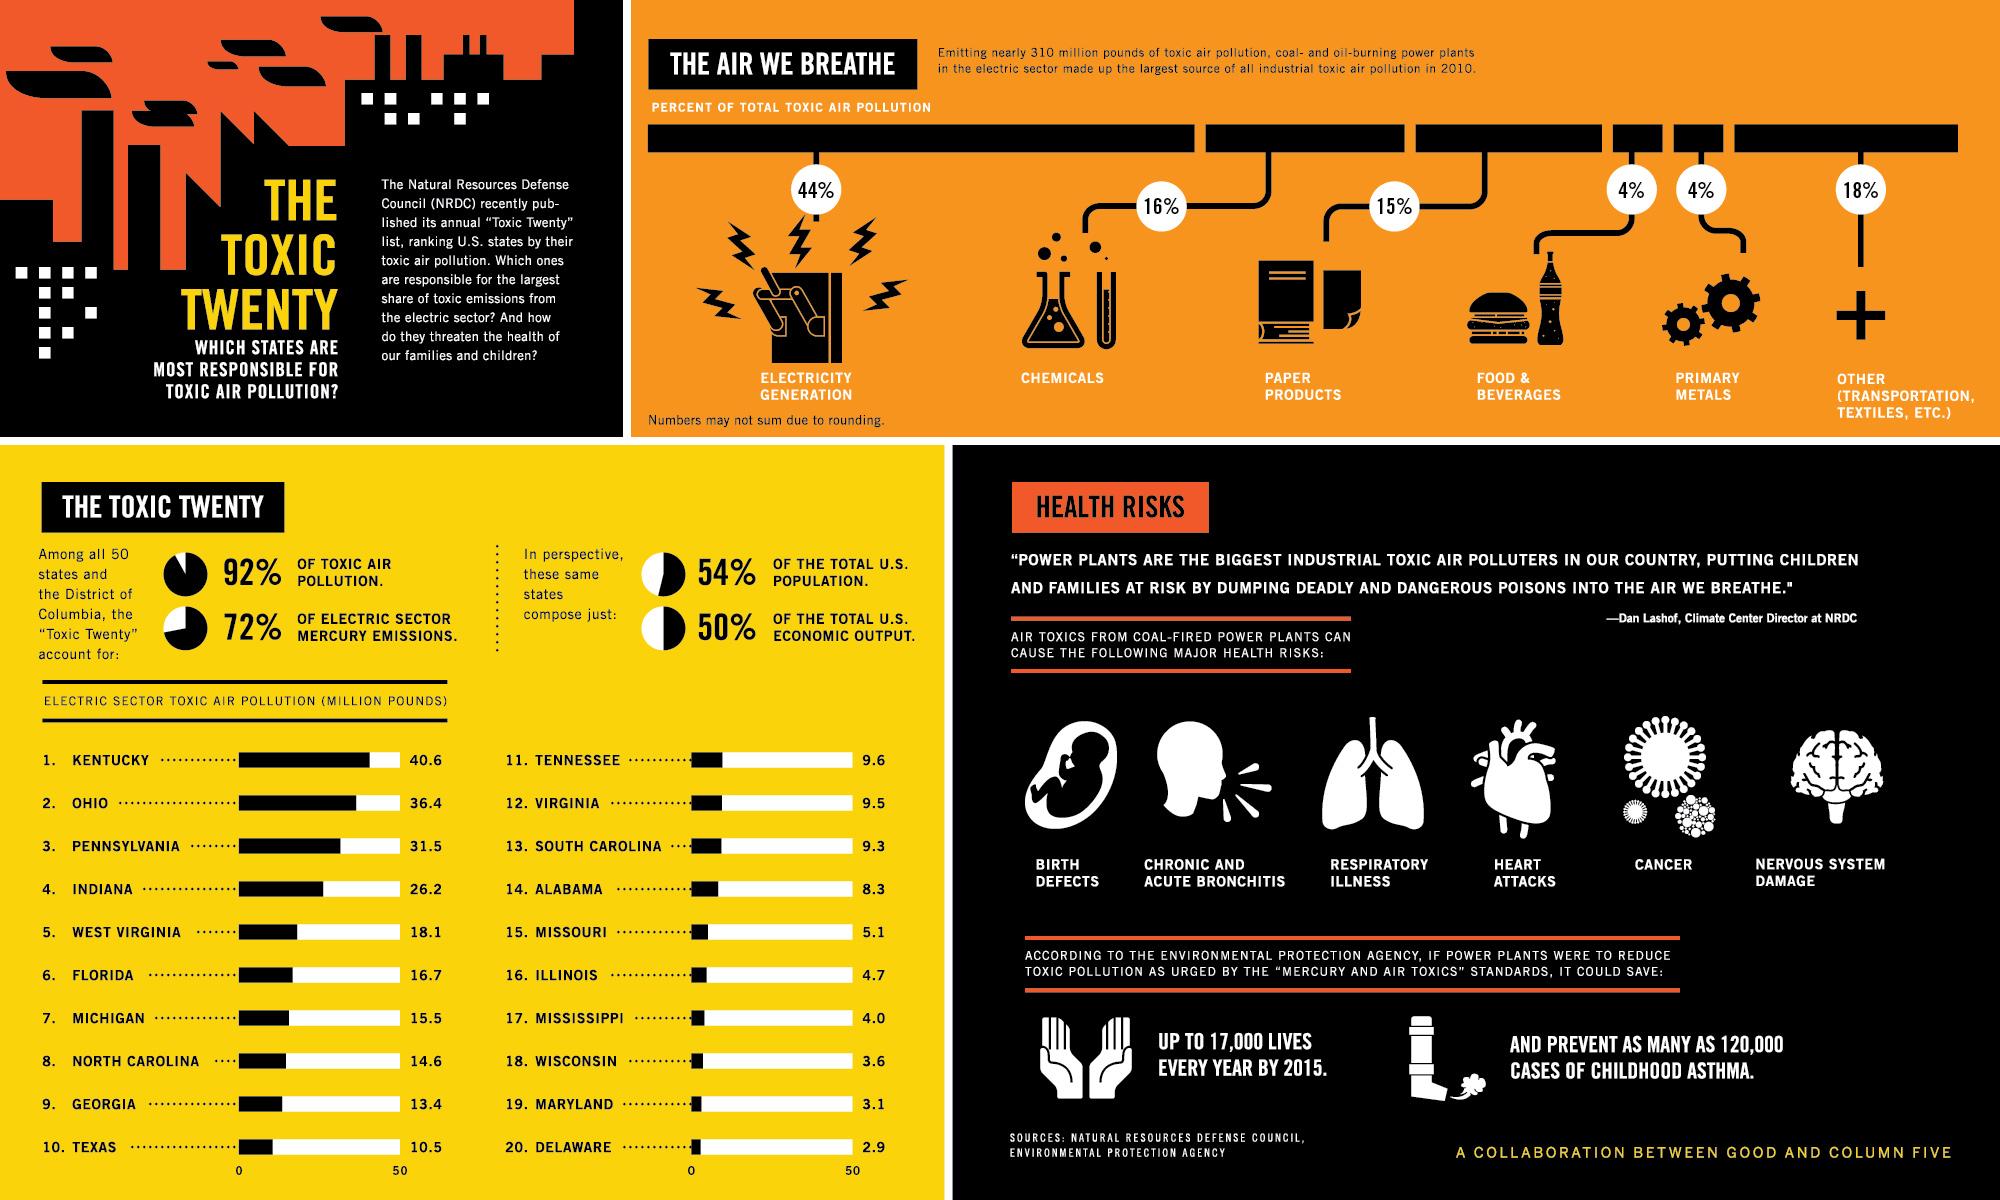 Toxic-Twenty-States-infographic